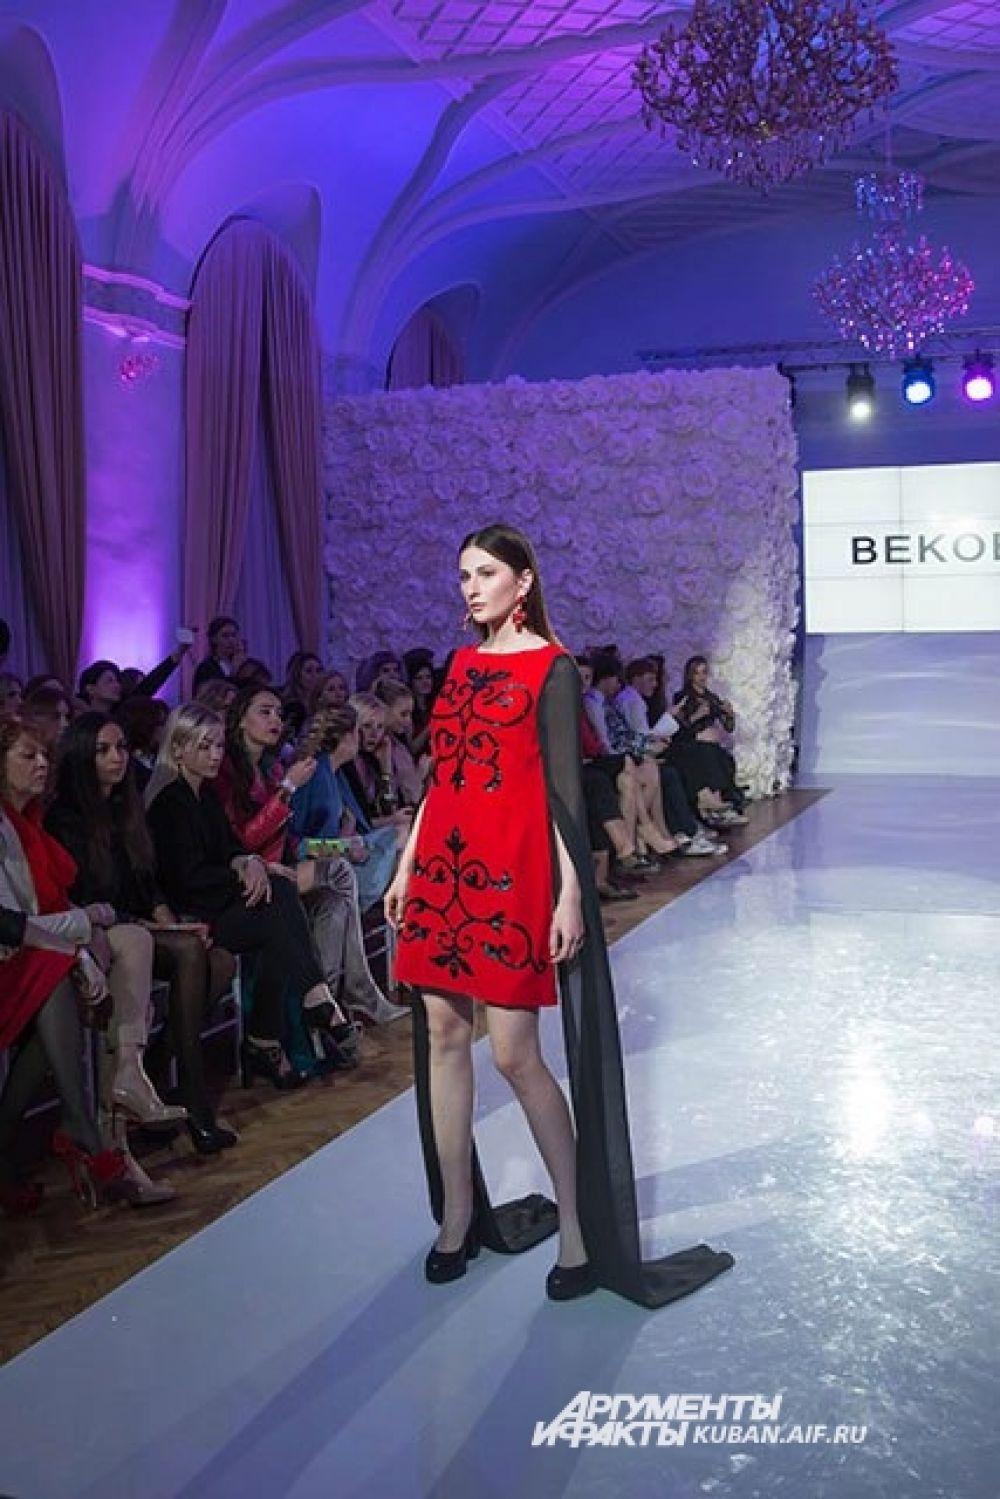 Красный - любимый цвет дизайнера из Цхинвала Хоха Бекоева.